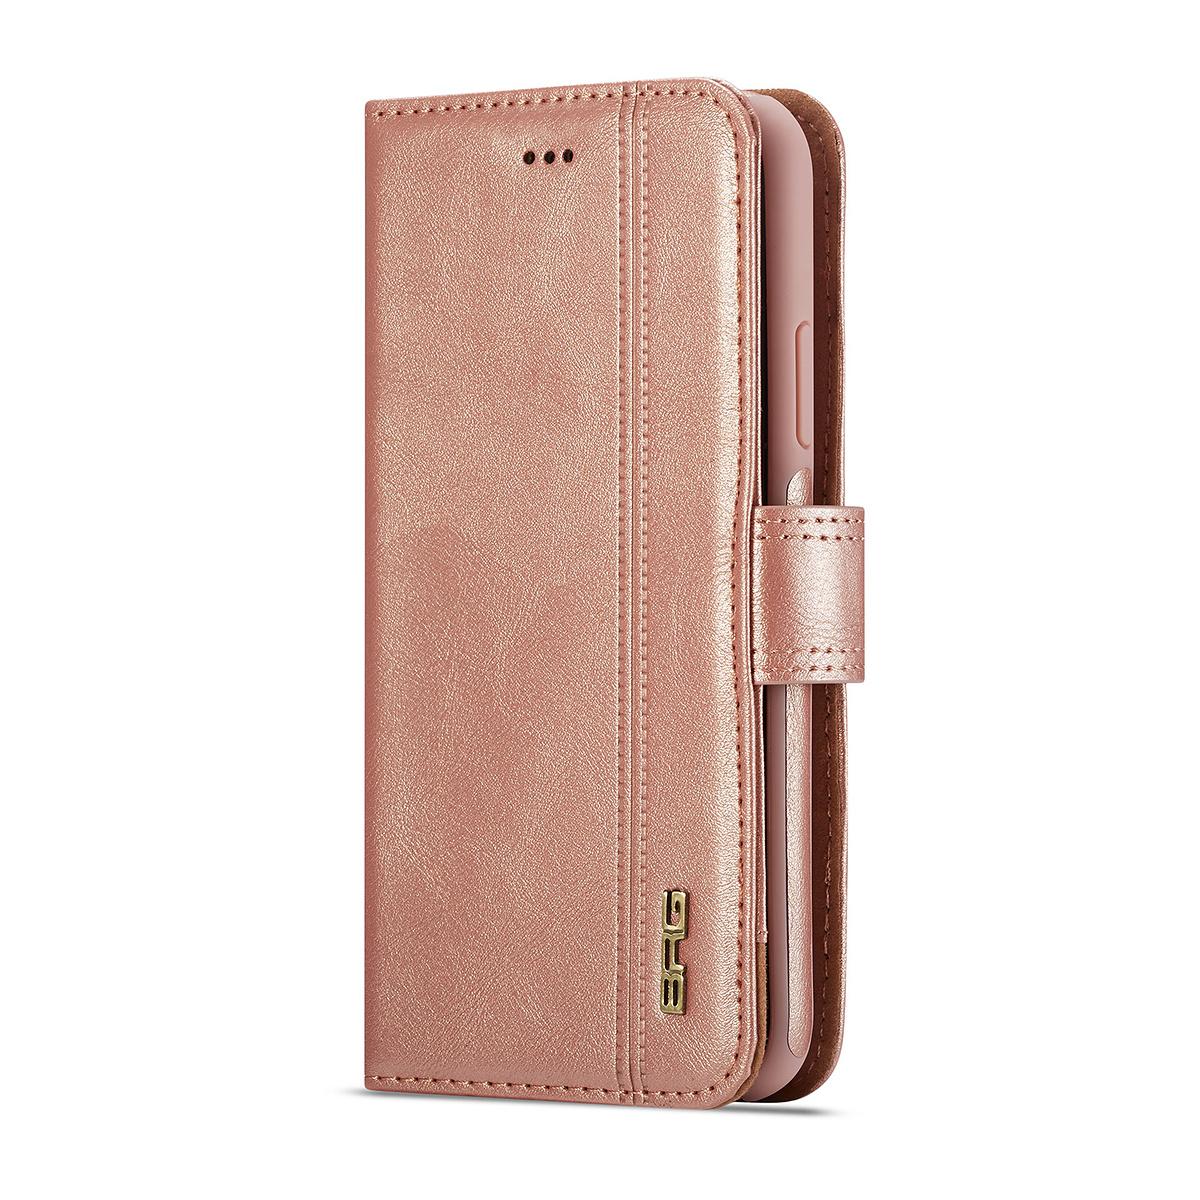 BRG Luxury plånboksfodral med ställ till iPhone X/XS, rosa